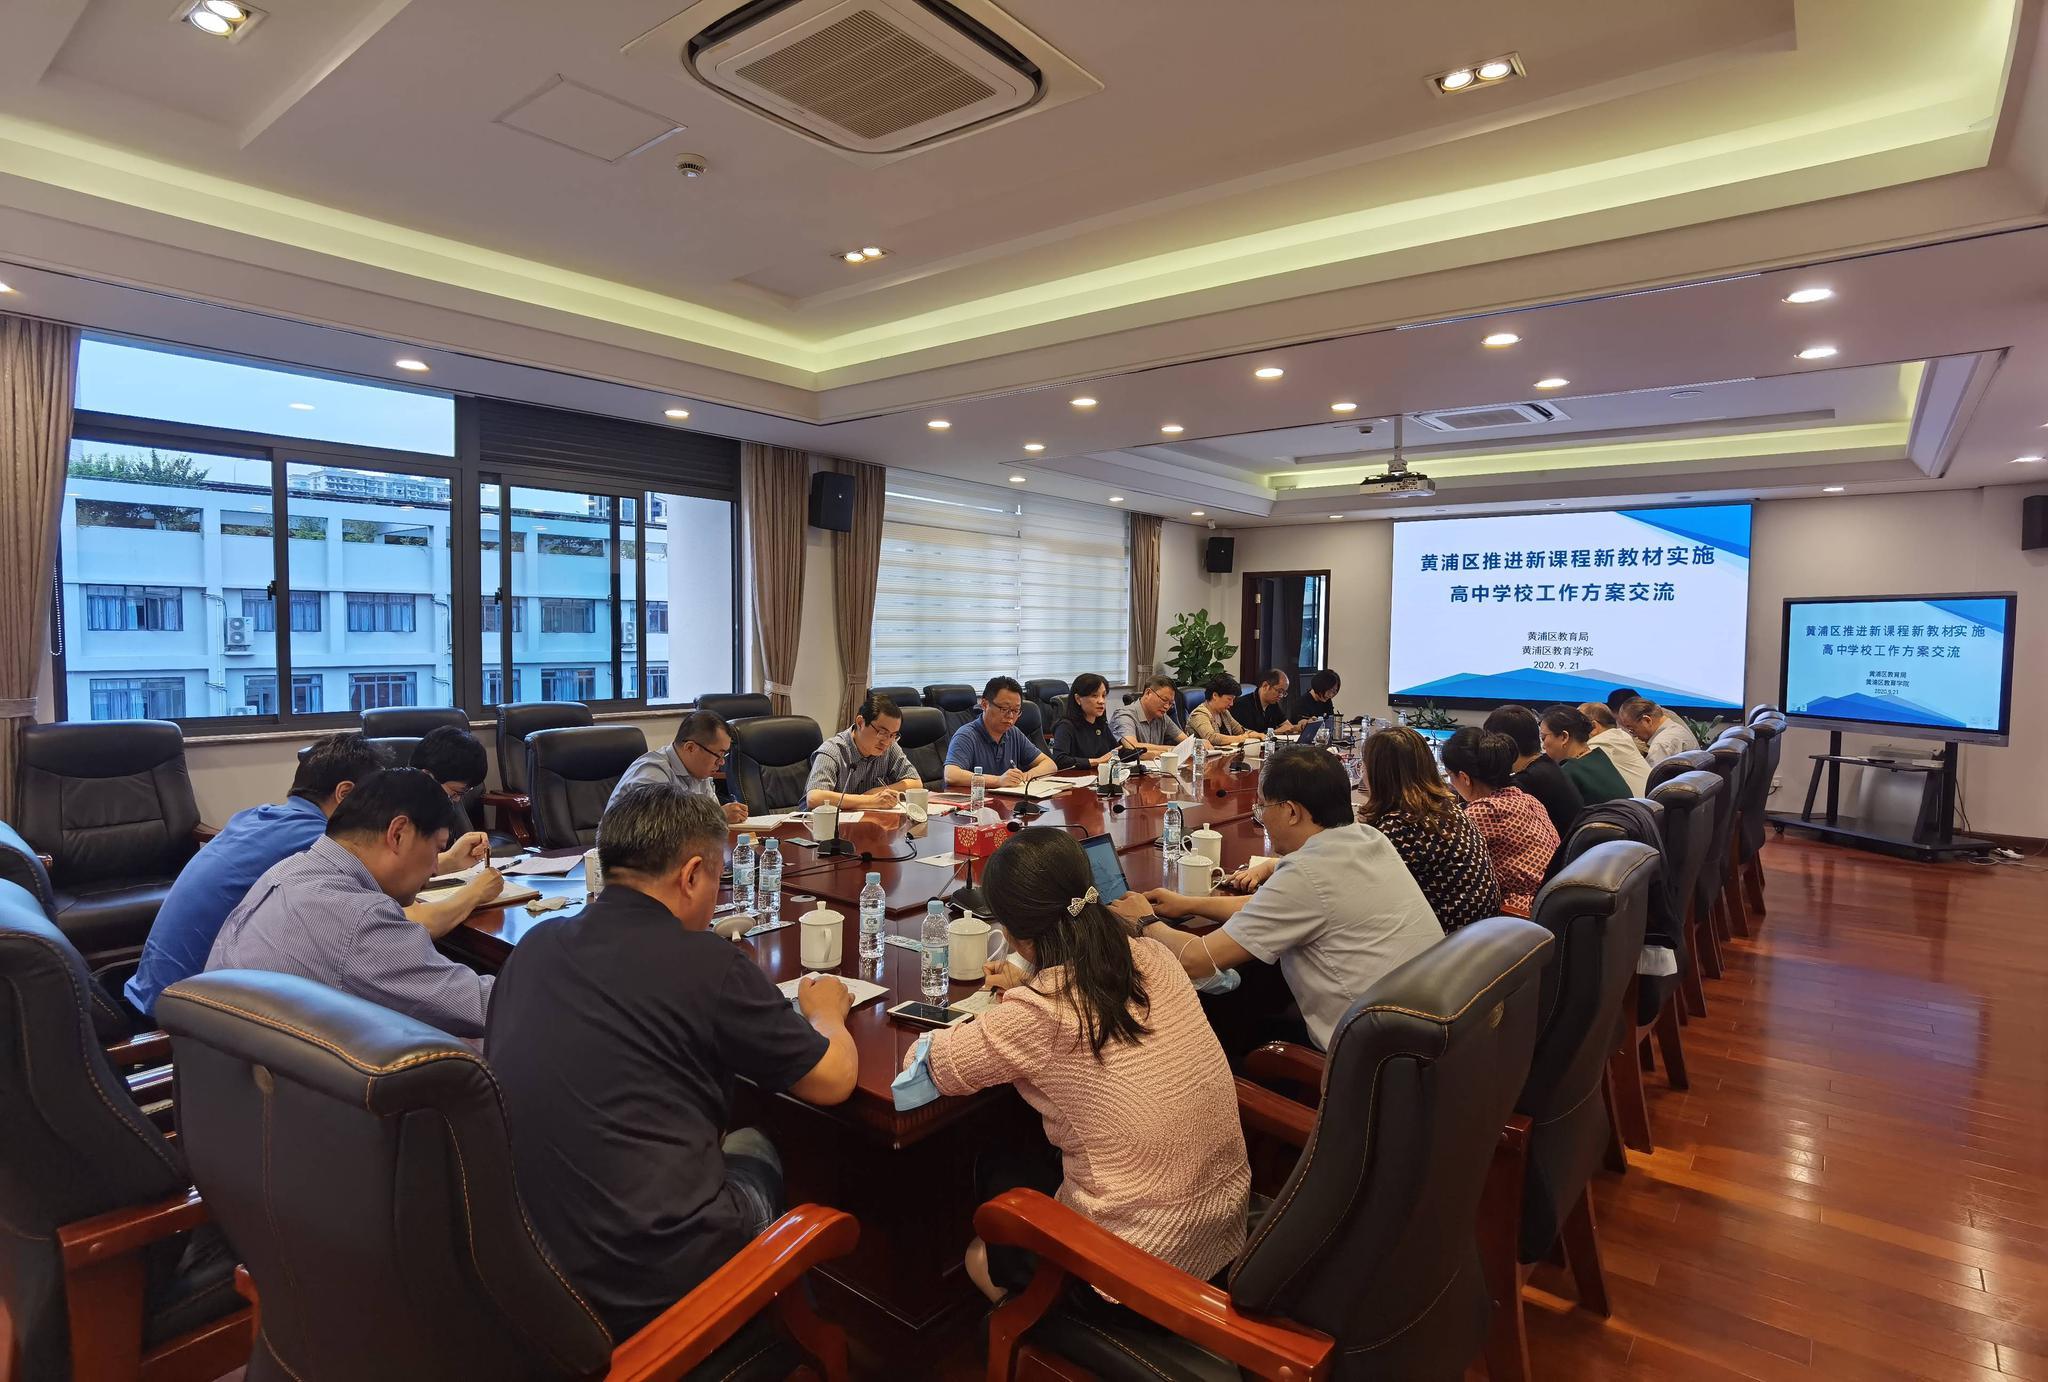 黄浦区召开高中新课程新教材实施工作会议